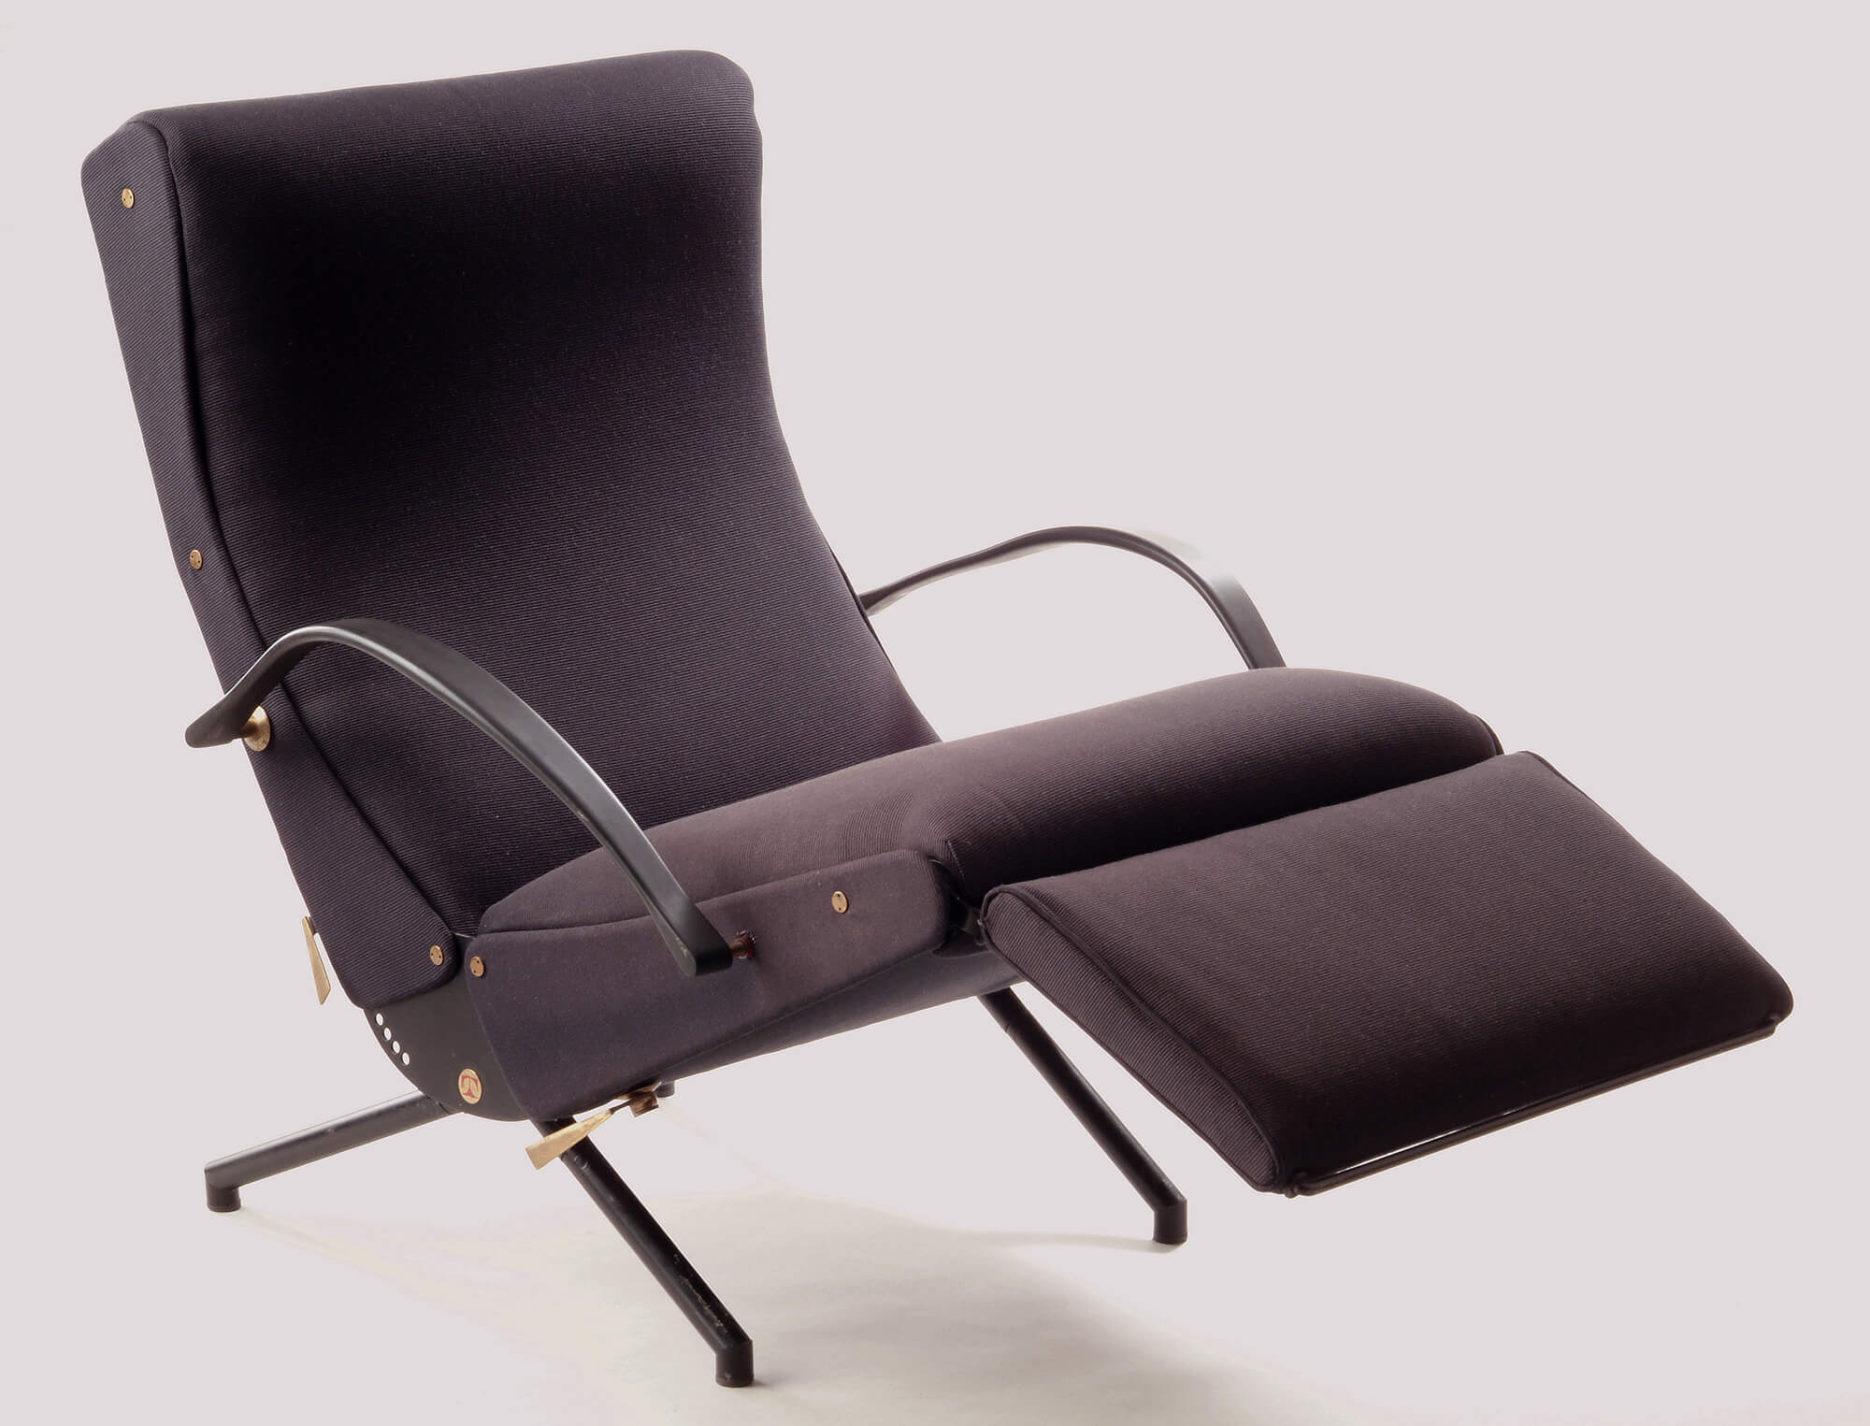 Chaise inclinable de couleur gris foncé à long dossier modelé avec assise carrée et repose-pieds rectangulaire. Pattes coudées et bras courbés en acier noir.